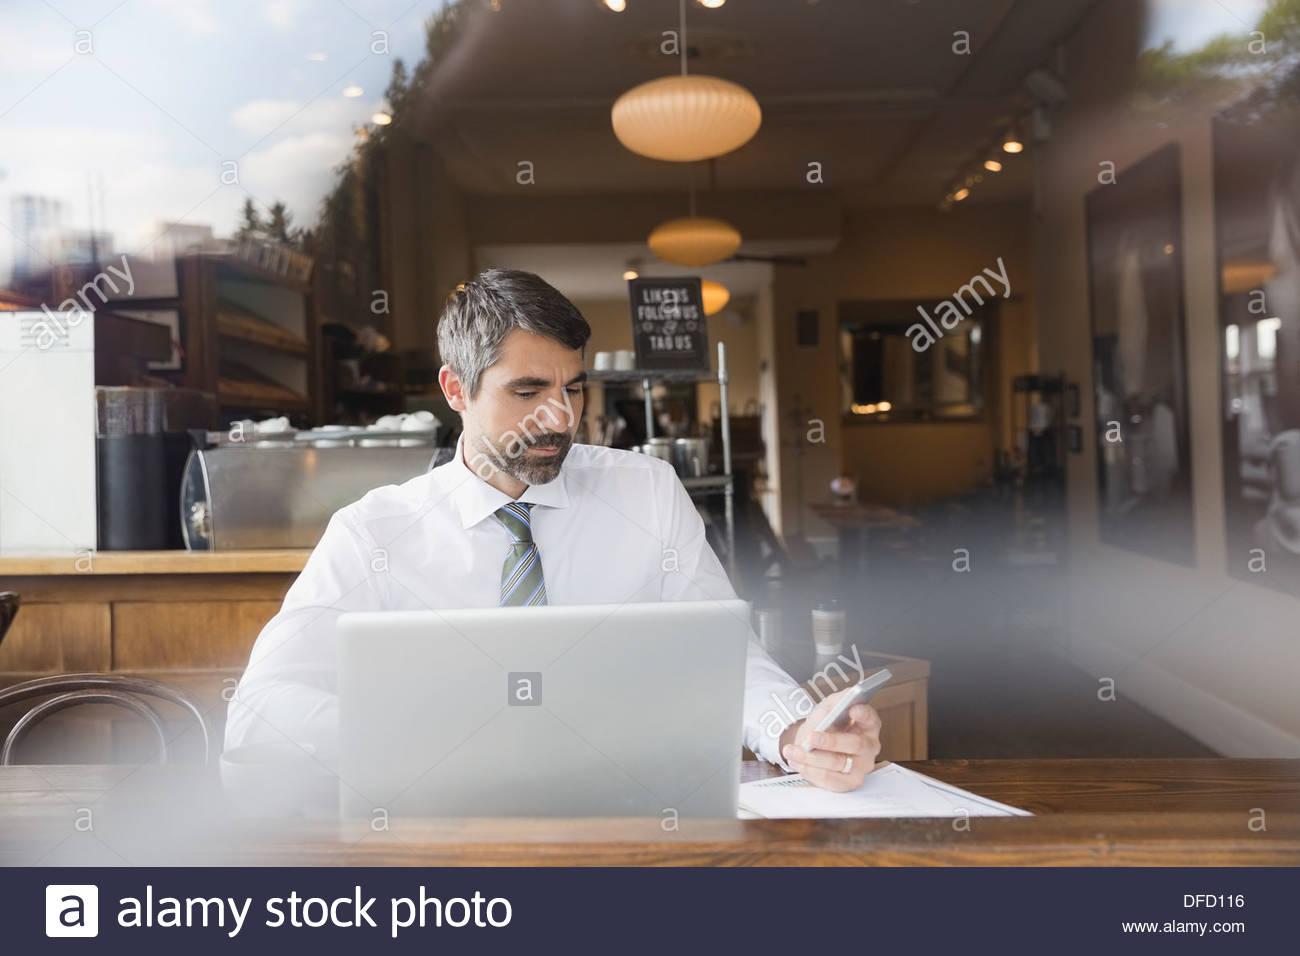 Businessman working on appareils sans fil dans un café Photo Stock